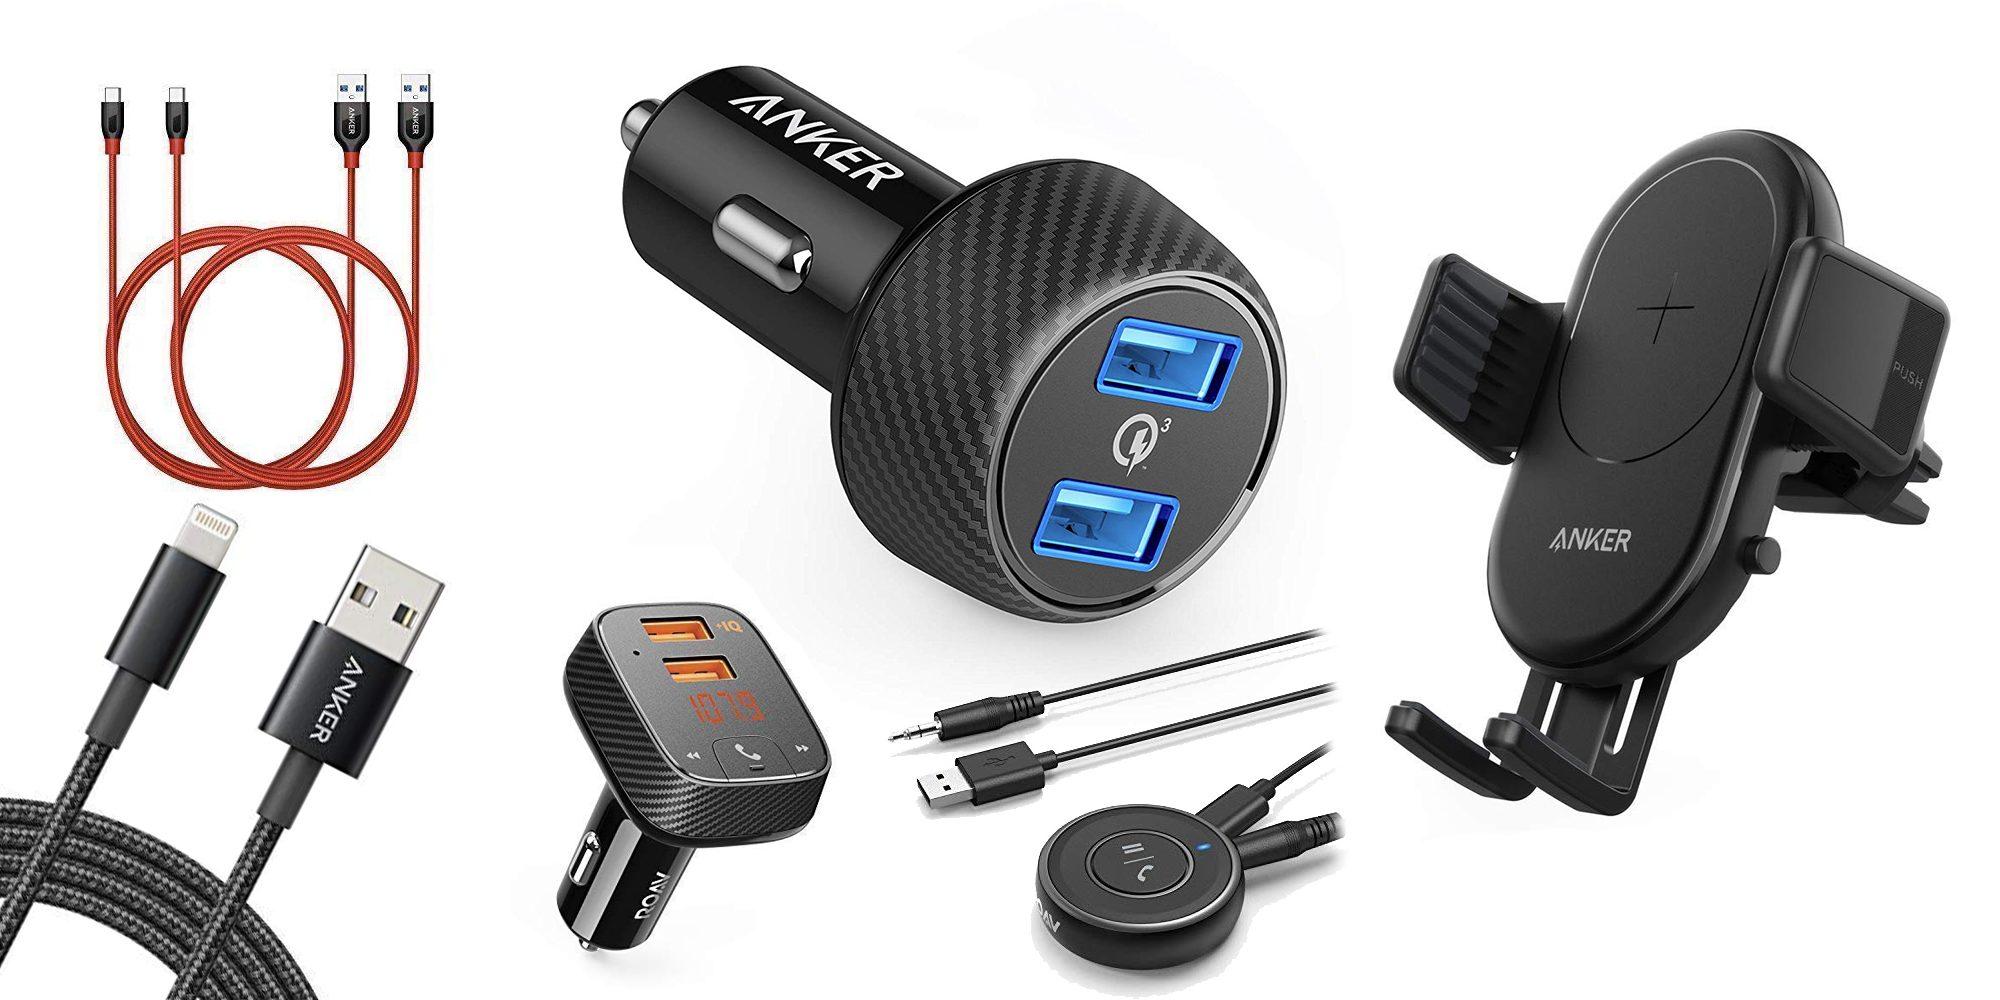 9to5Toys Letzter Anruf: Nest Thermostat + Home Mini $ 195, Ankerzubehör ab $ 9, LG V30 + 128GB $ 400, mehr